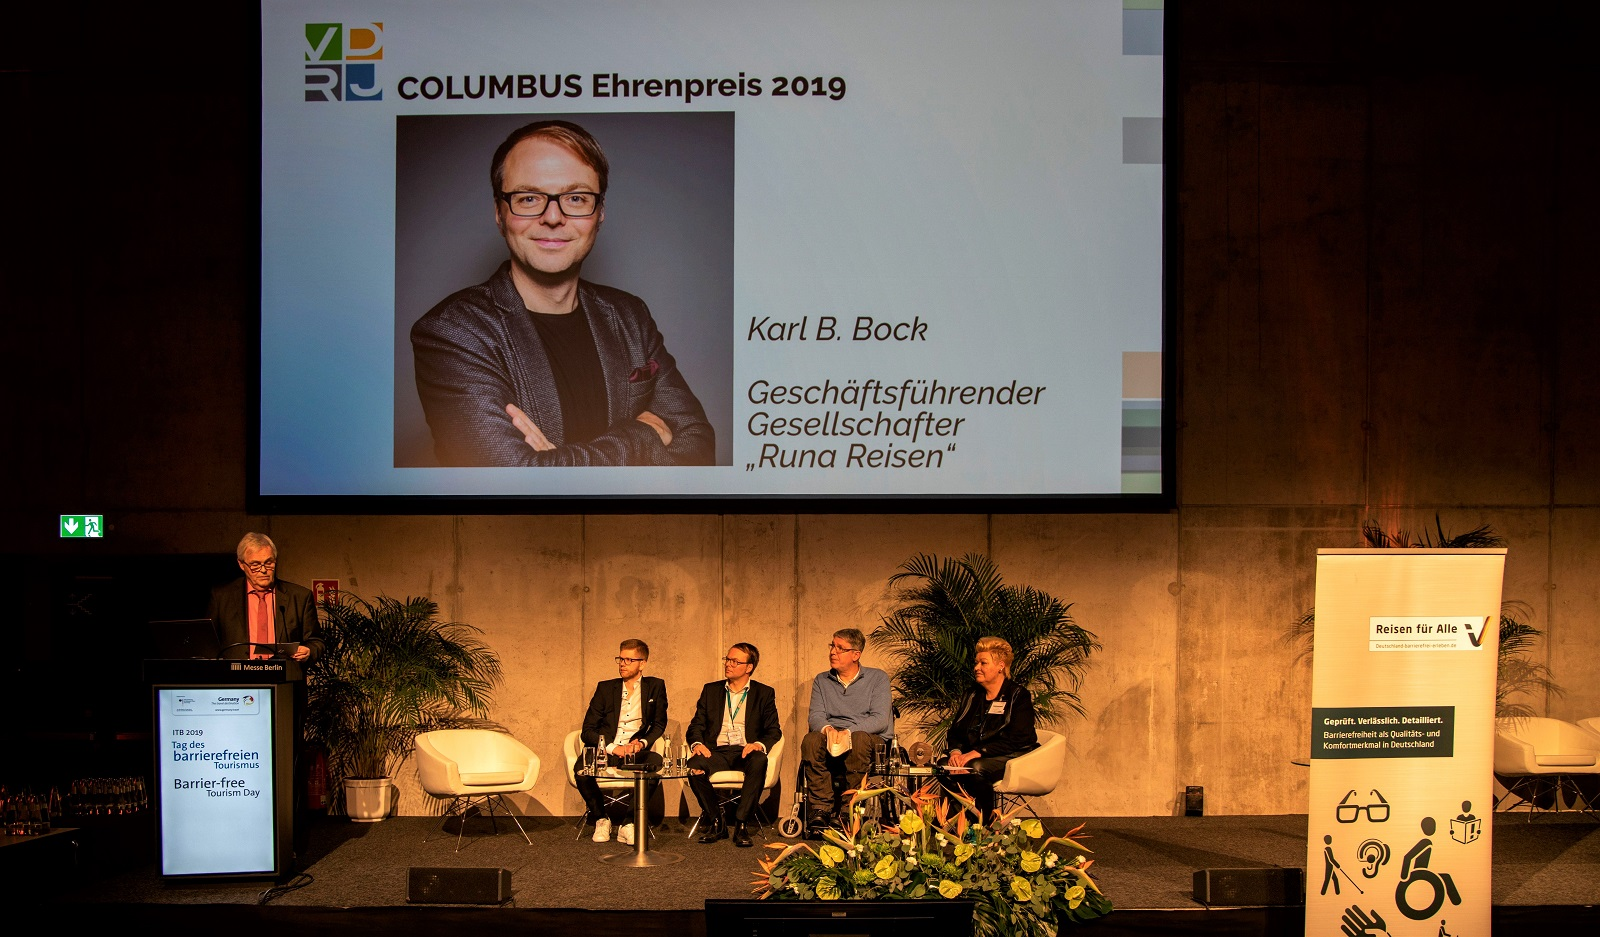 VDRJ Columbus Ehrenpreis 2019-3-klein